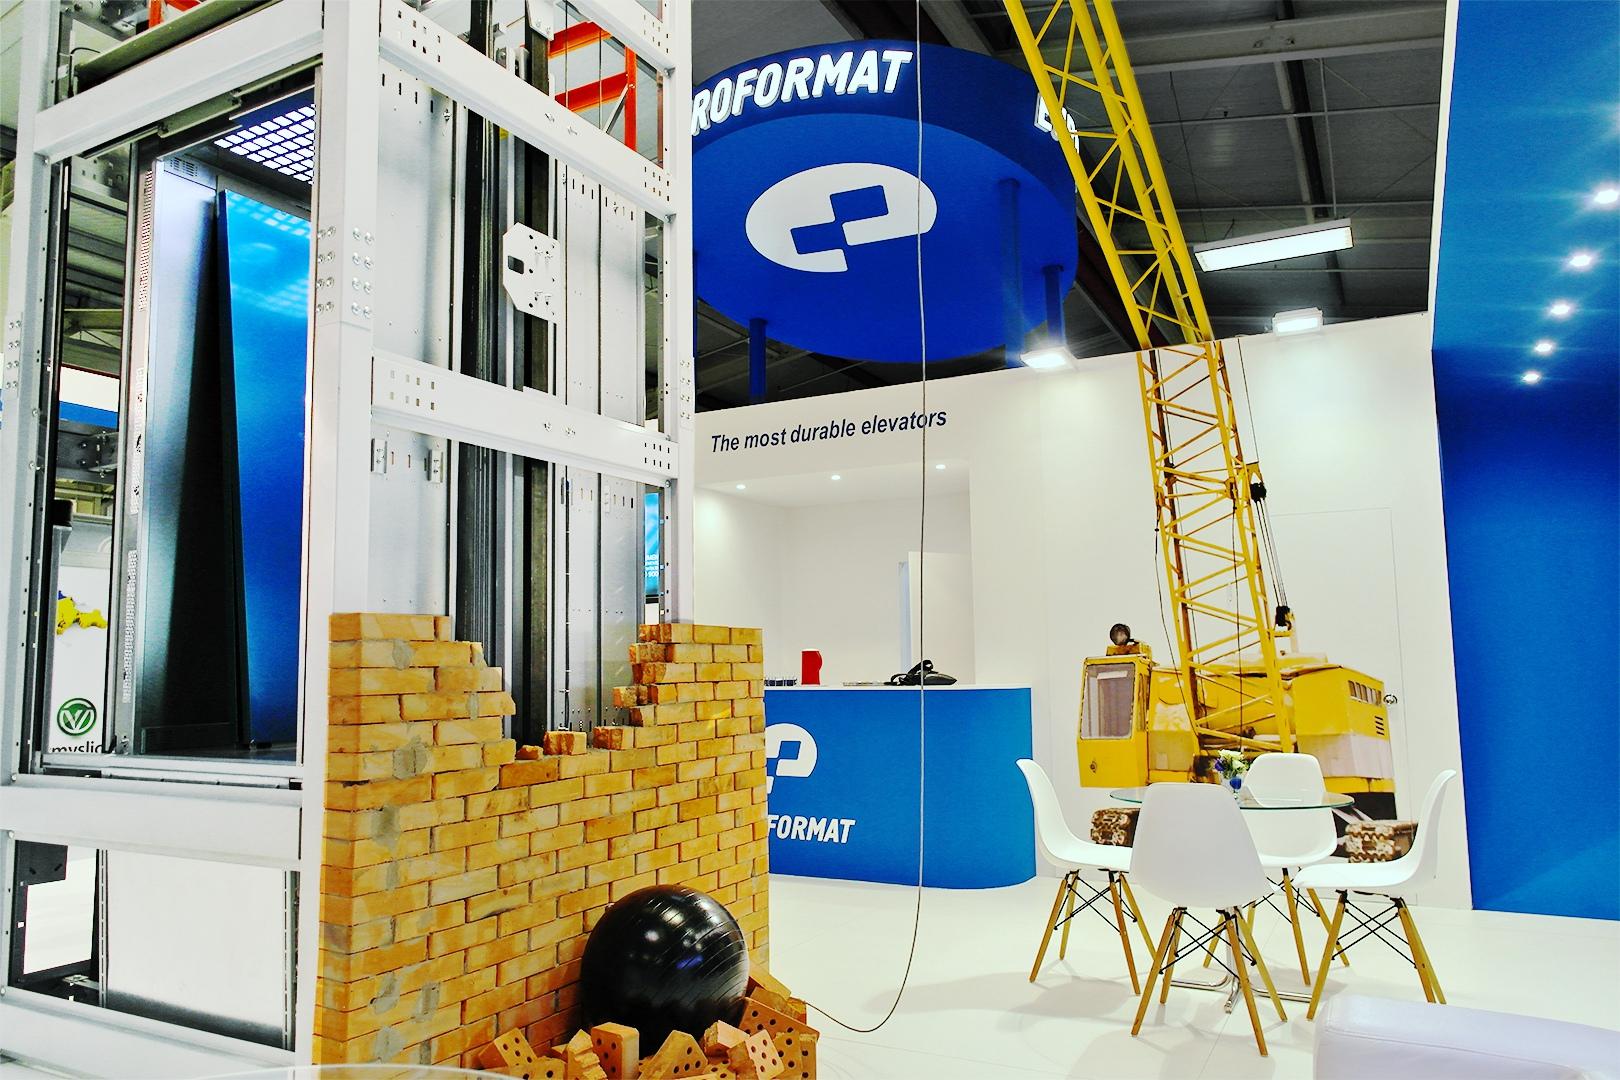 Виставковий стенд компанії Євроформат